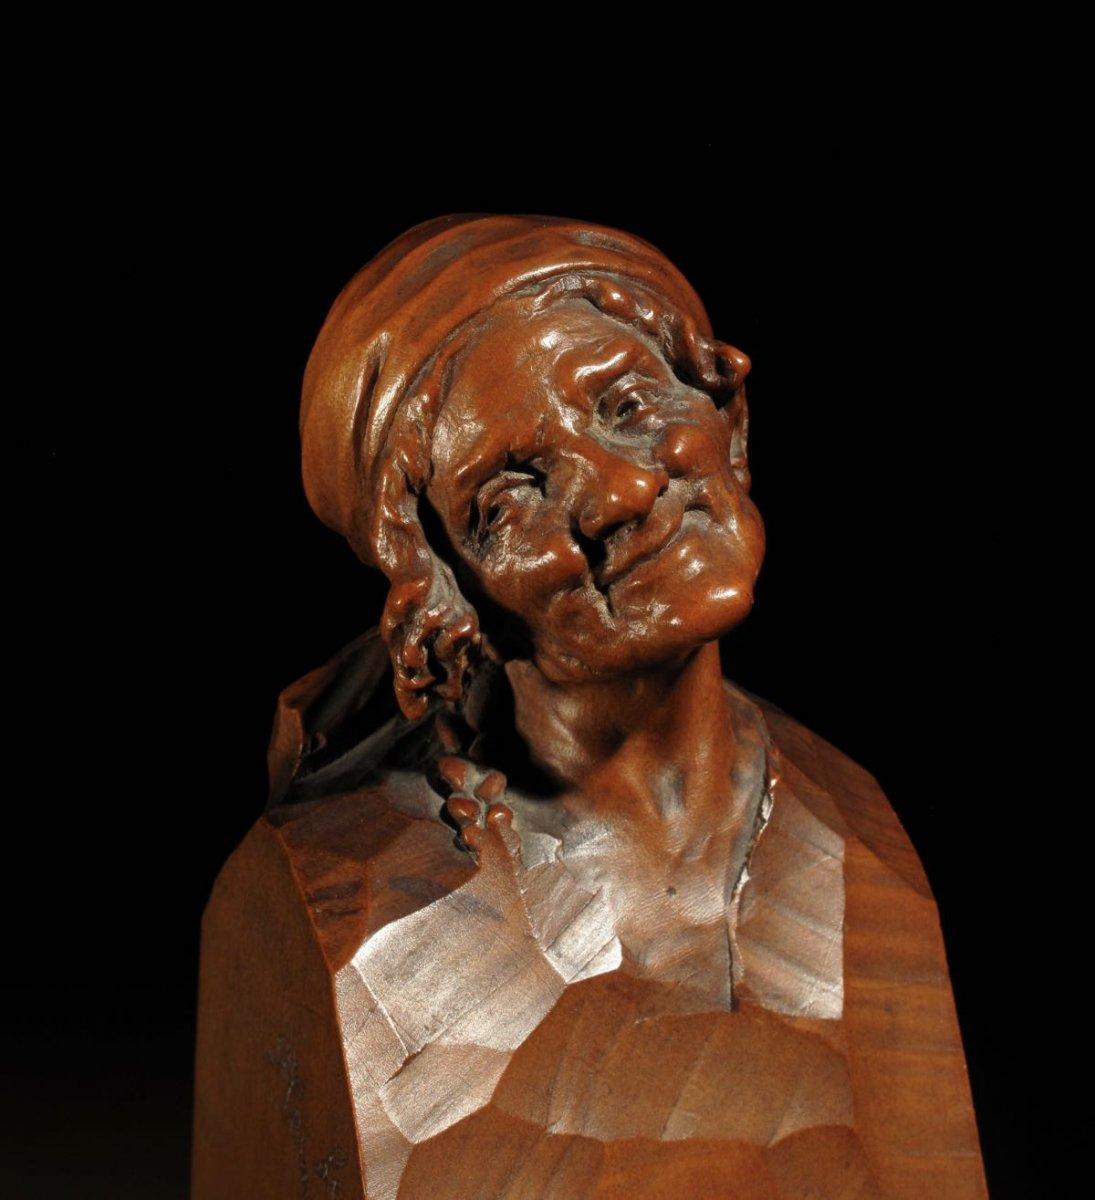 Une Belle Tête En Bois De Poirier Finement Sculptée Et Signée d'Une Vieille Femme, Par Hermann